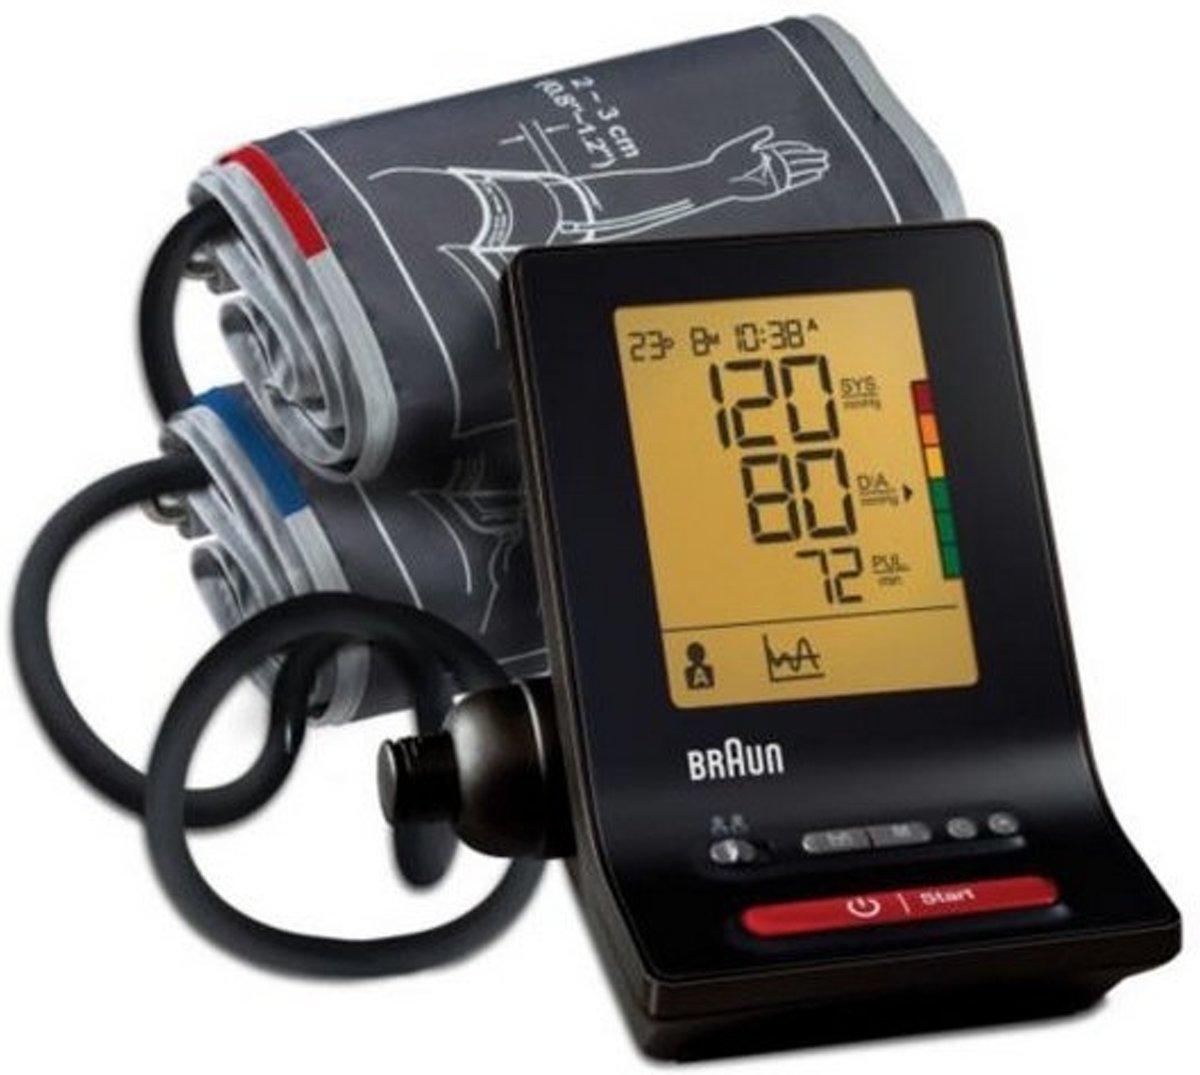 Braun BP6200PHEMEA - Bloeddrukmeter